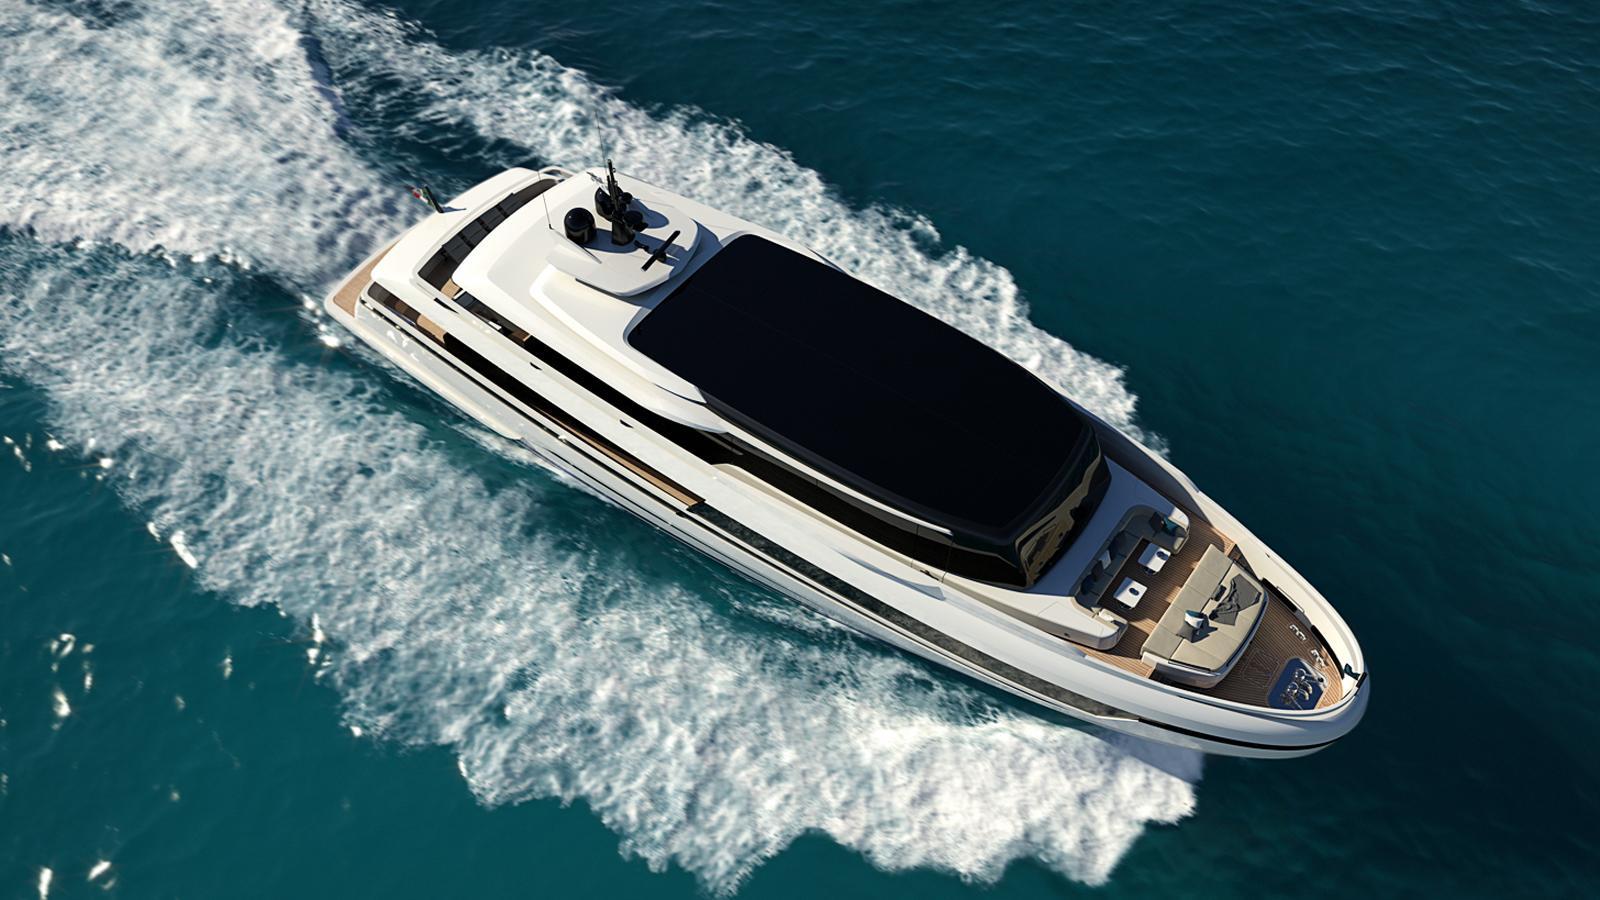 extra 126 motoryacht isa yachts 38m 2019 rendering half profile aerial